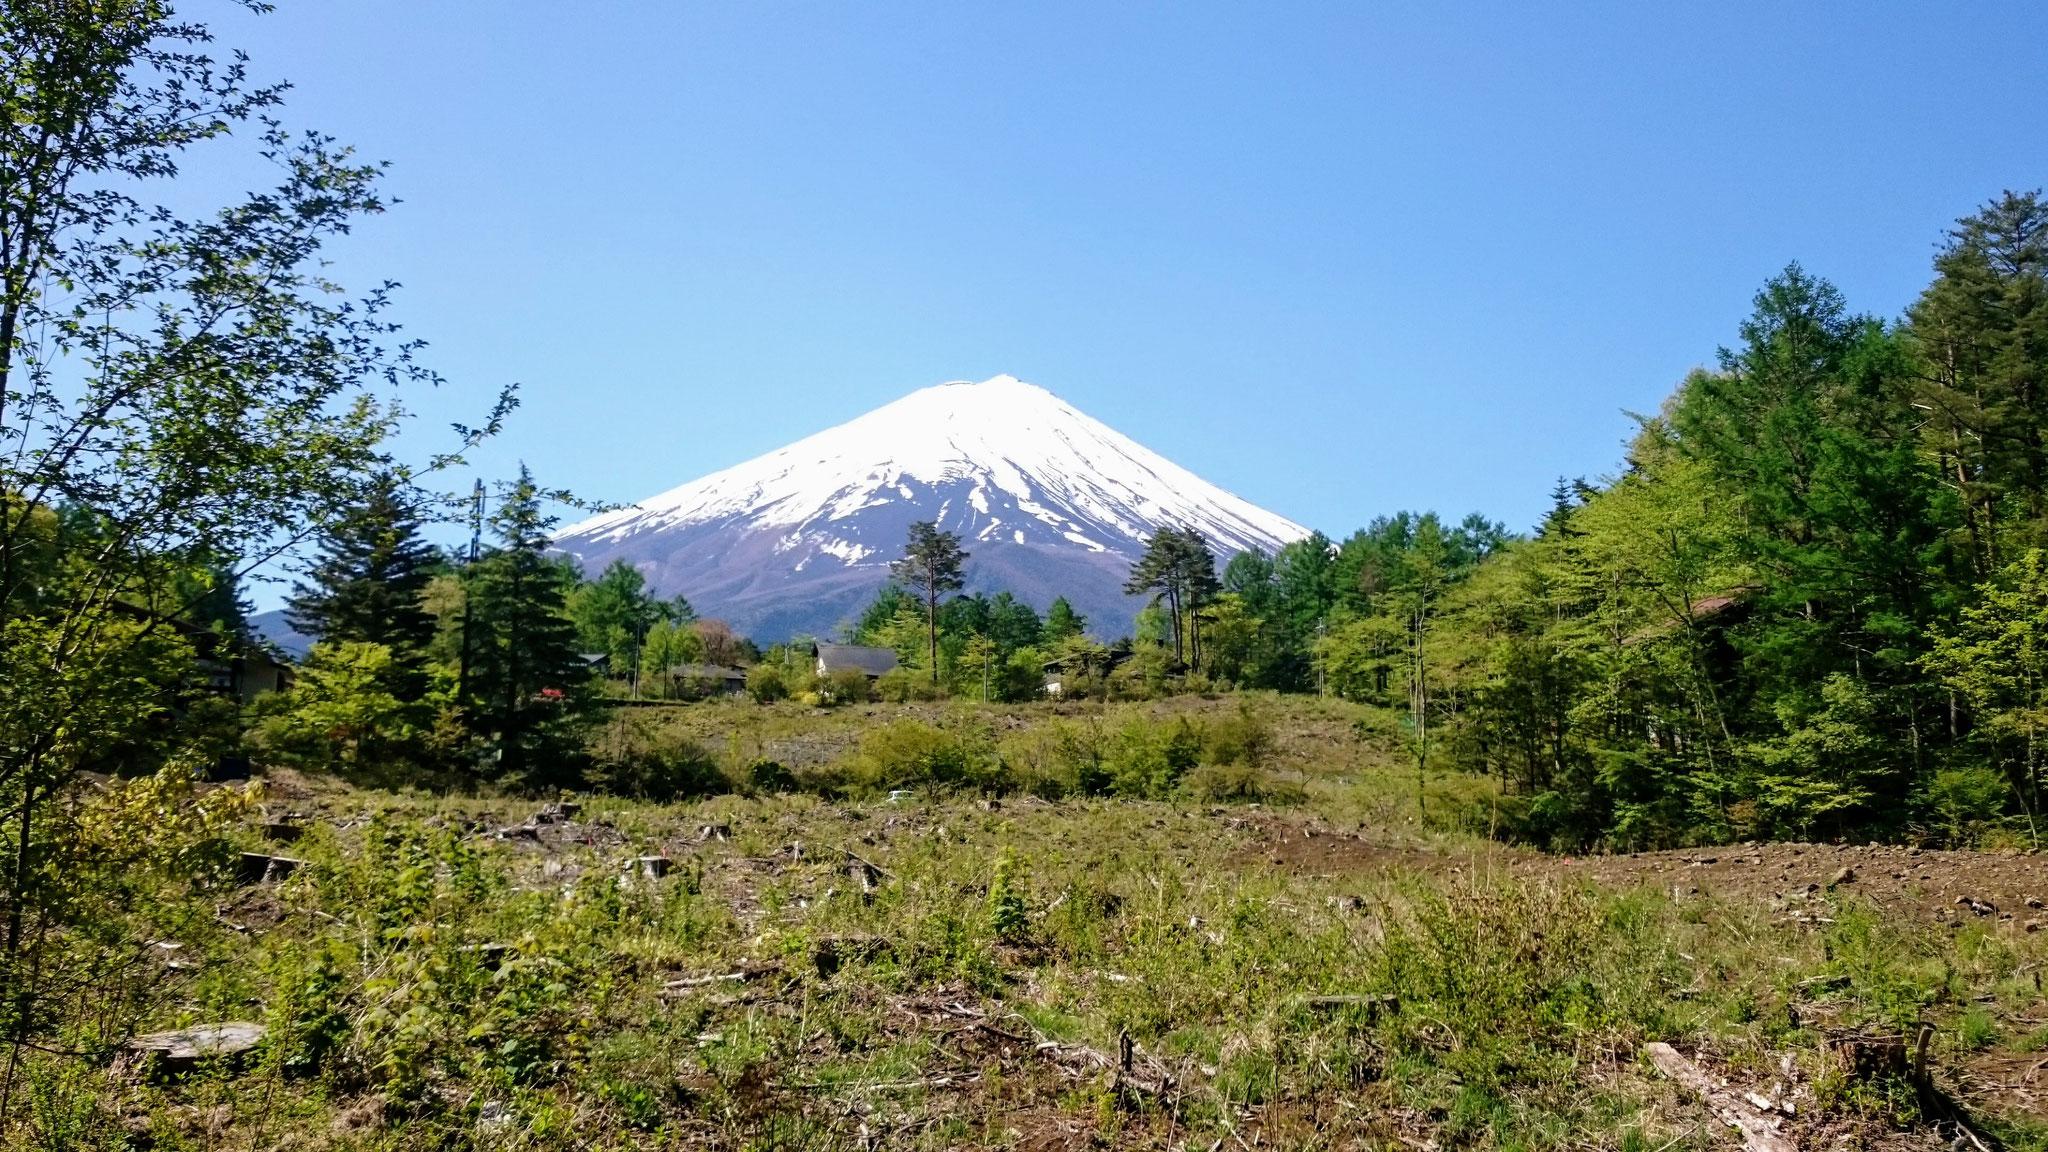 別荘地中央からの富士山